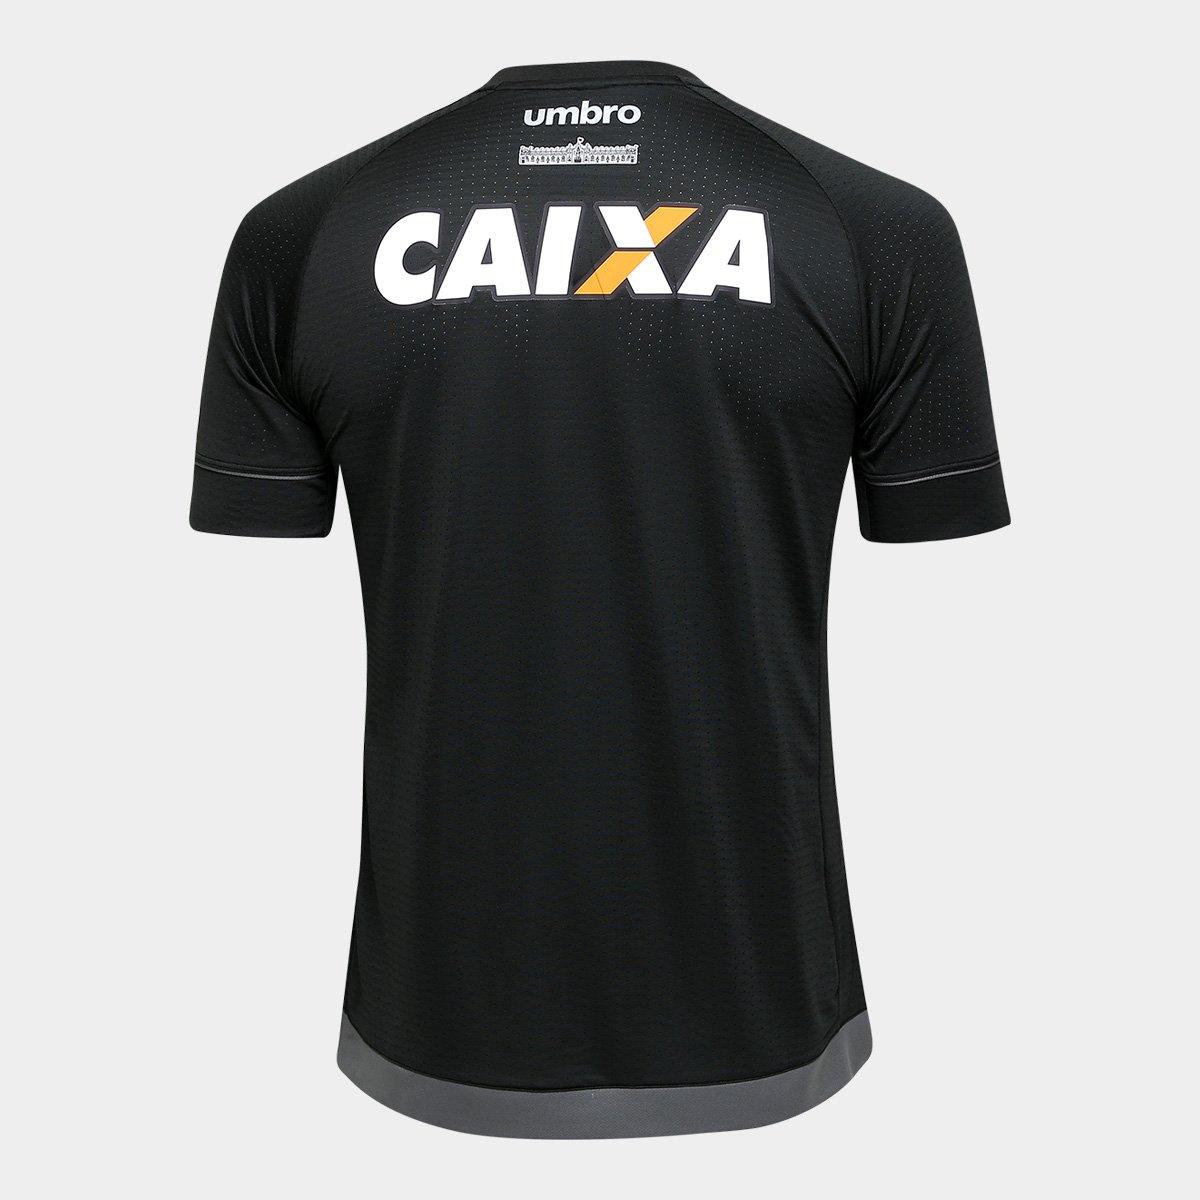 479a6334e0 Camisa Vasco III 17 18 s n° - Torcedor Umbro Masculina - Compre ...